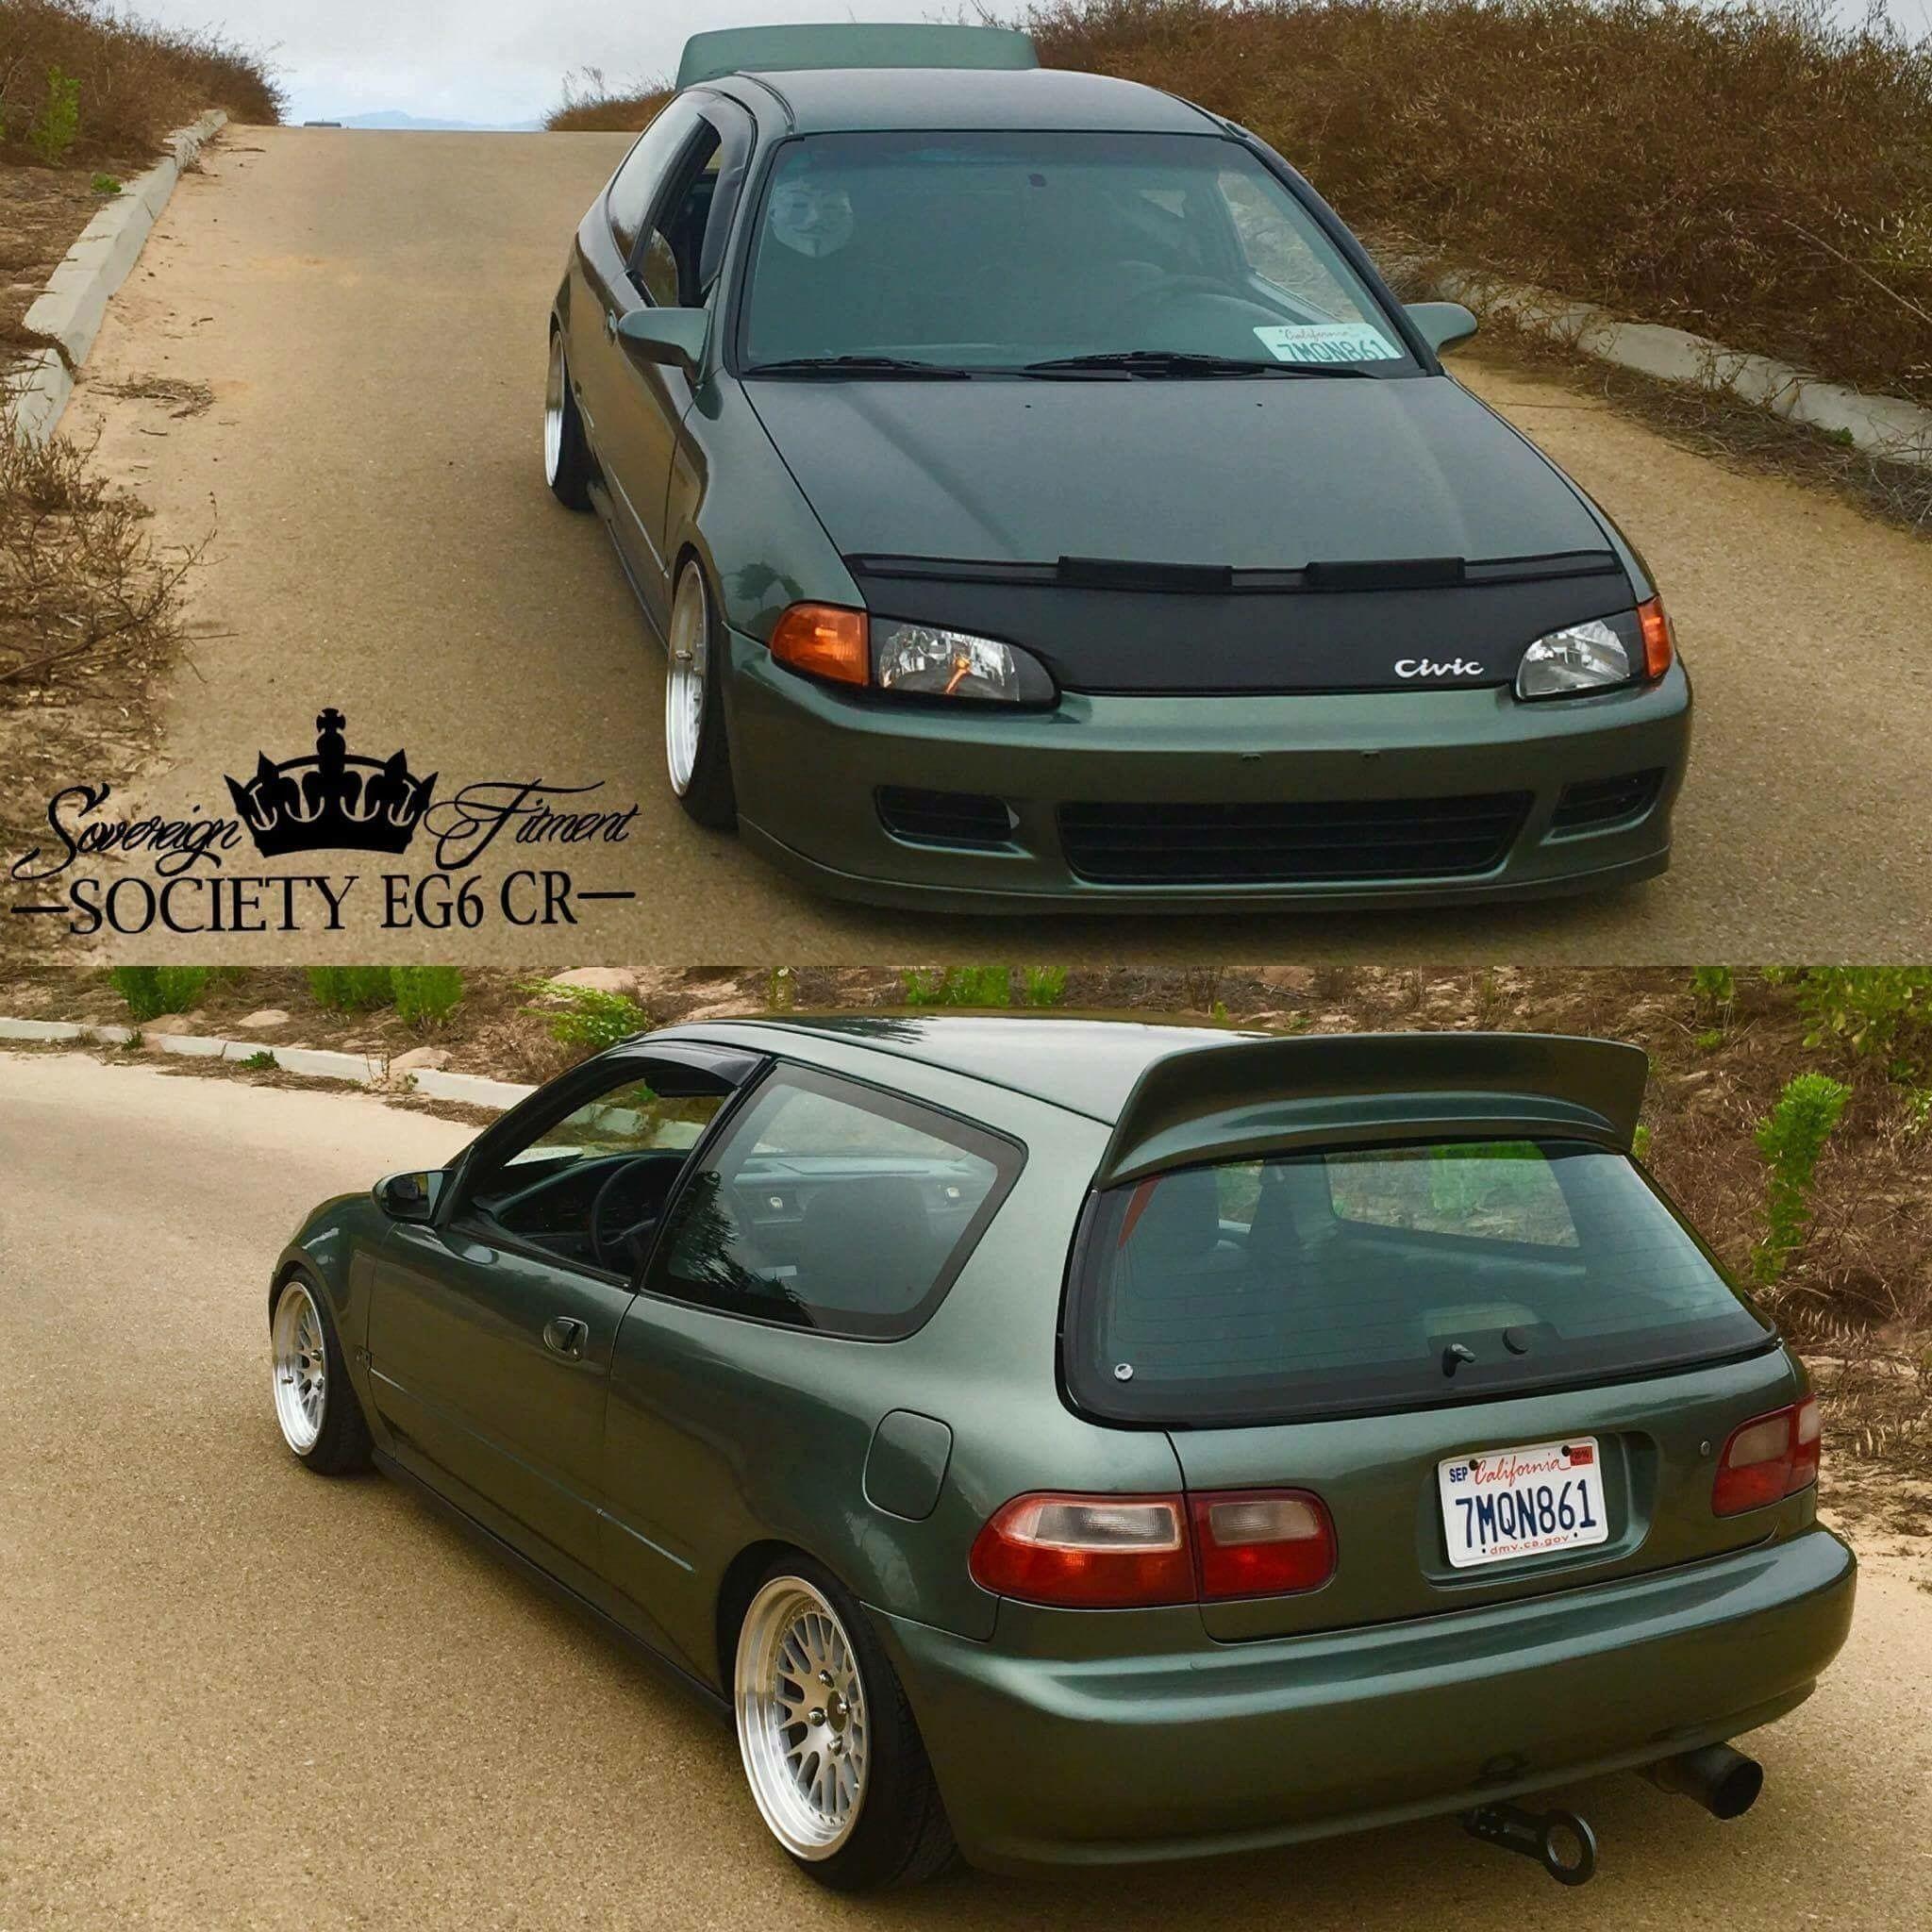 Awesome 1995 Honda Civic Eg Hatchback Civic eg, Honda